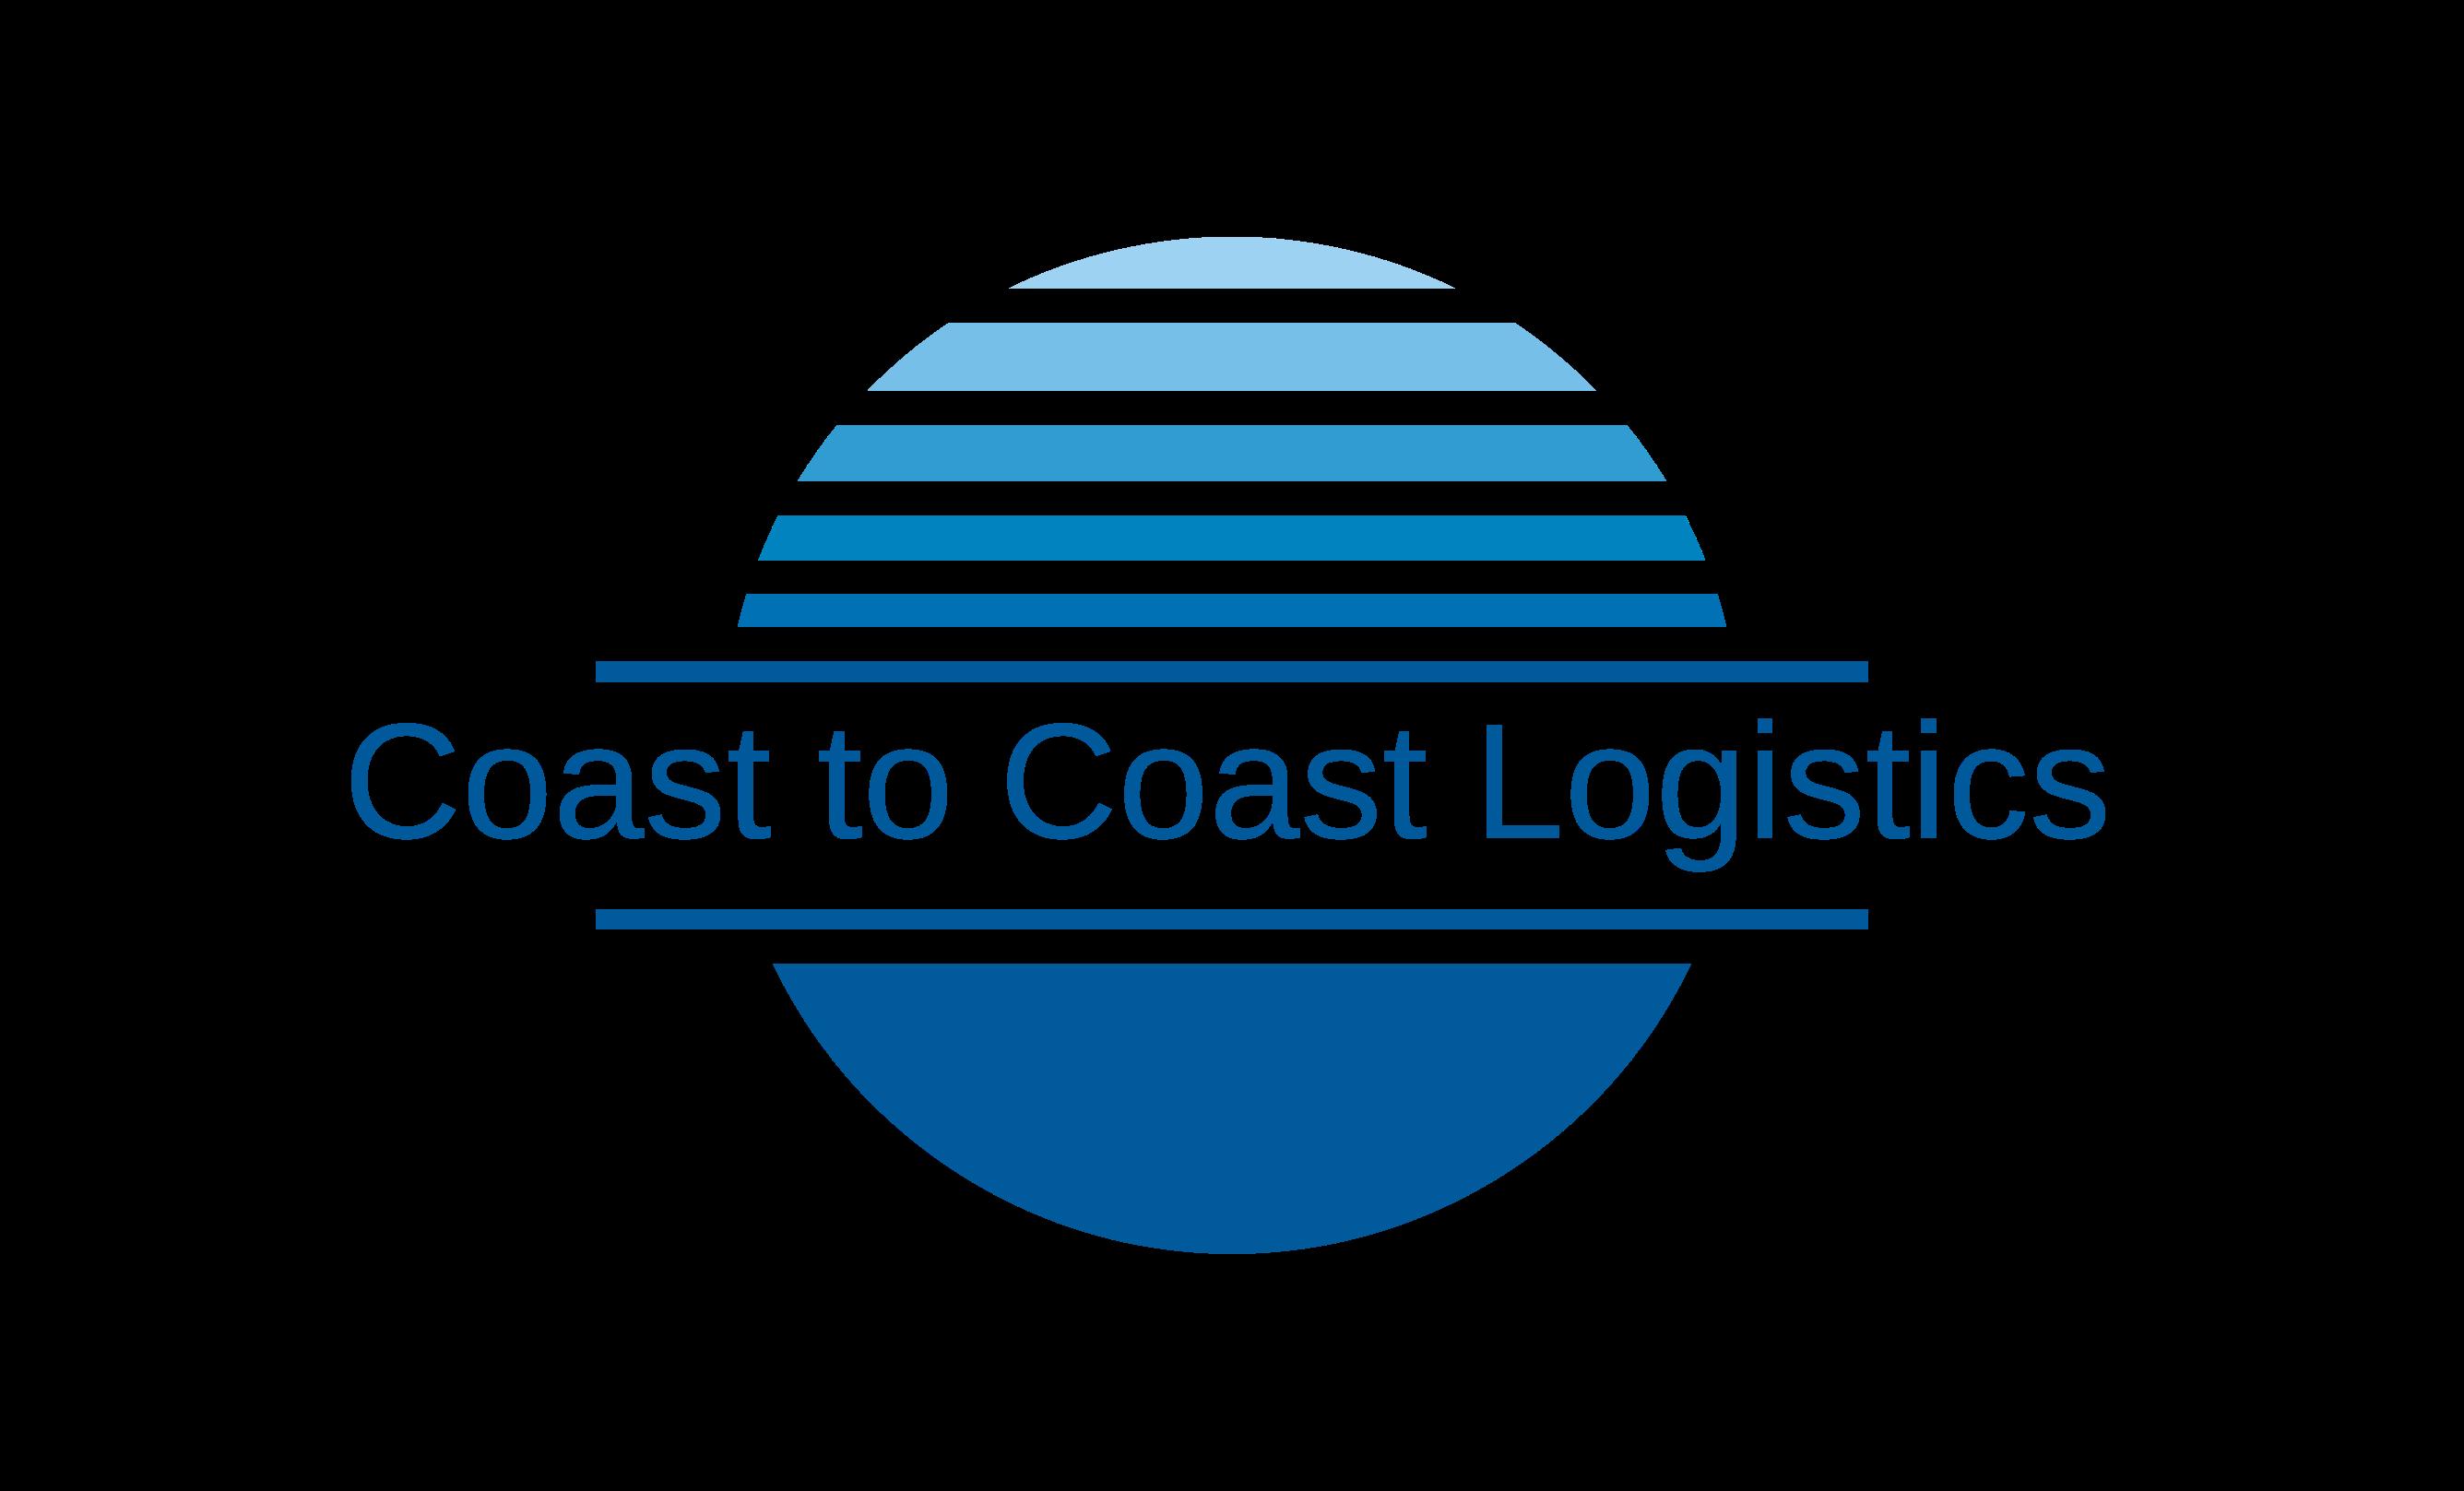 C2C Logistics